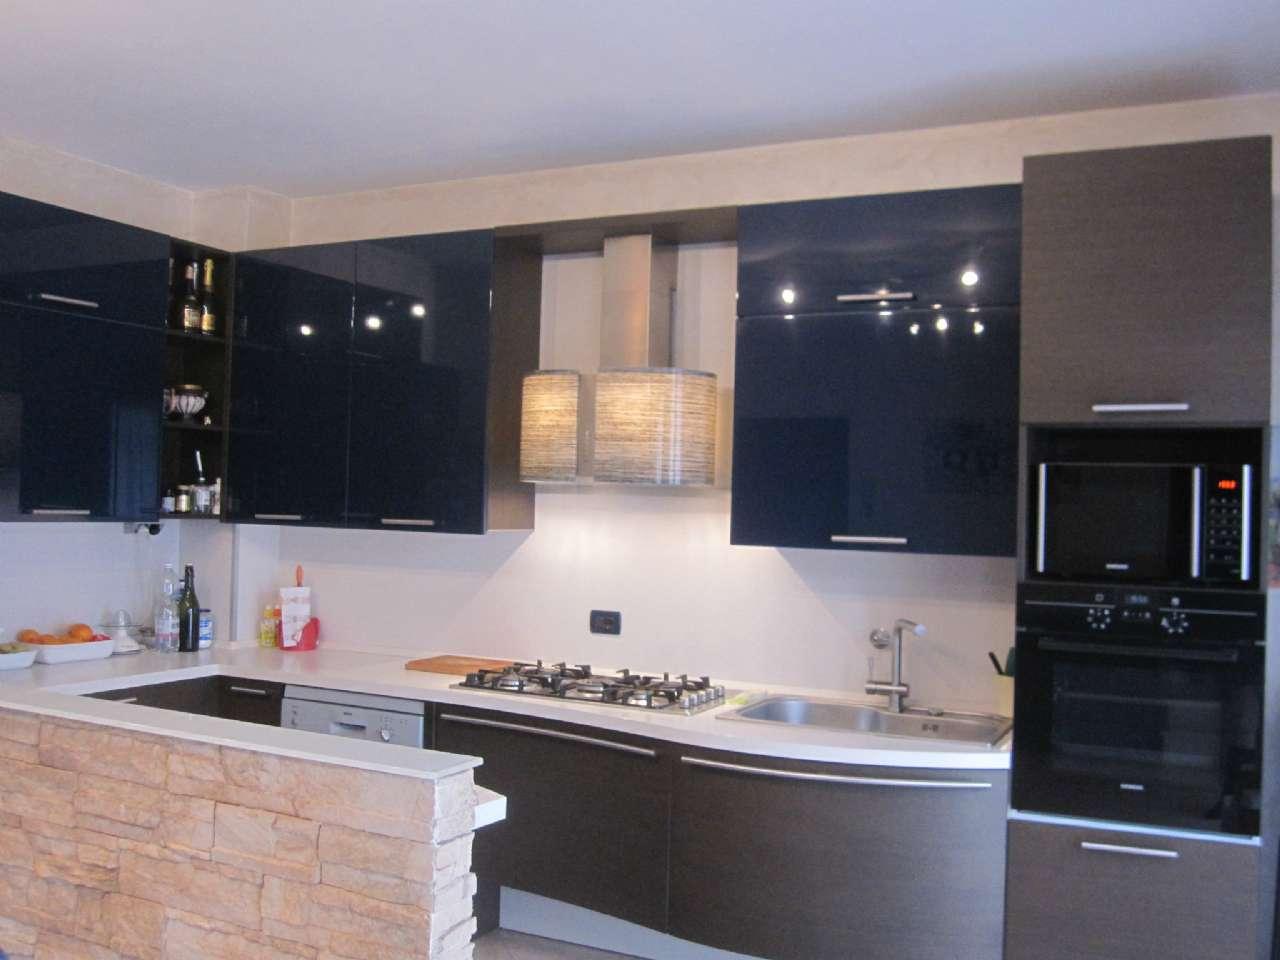 Appartamento in vendita a Vinovo, 6 locali, zona Località: Vinovo, prezzo € 165.000 | PortaleAgenzieImmobiliari.it